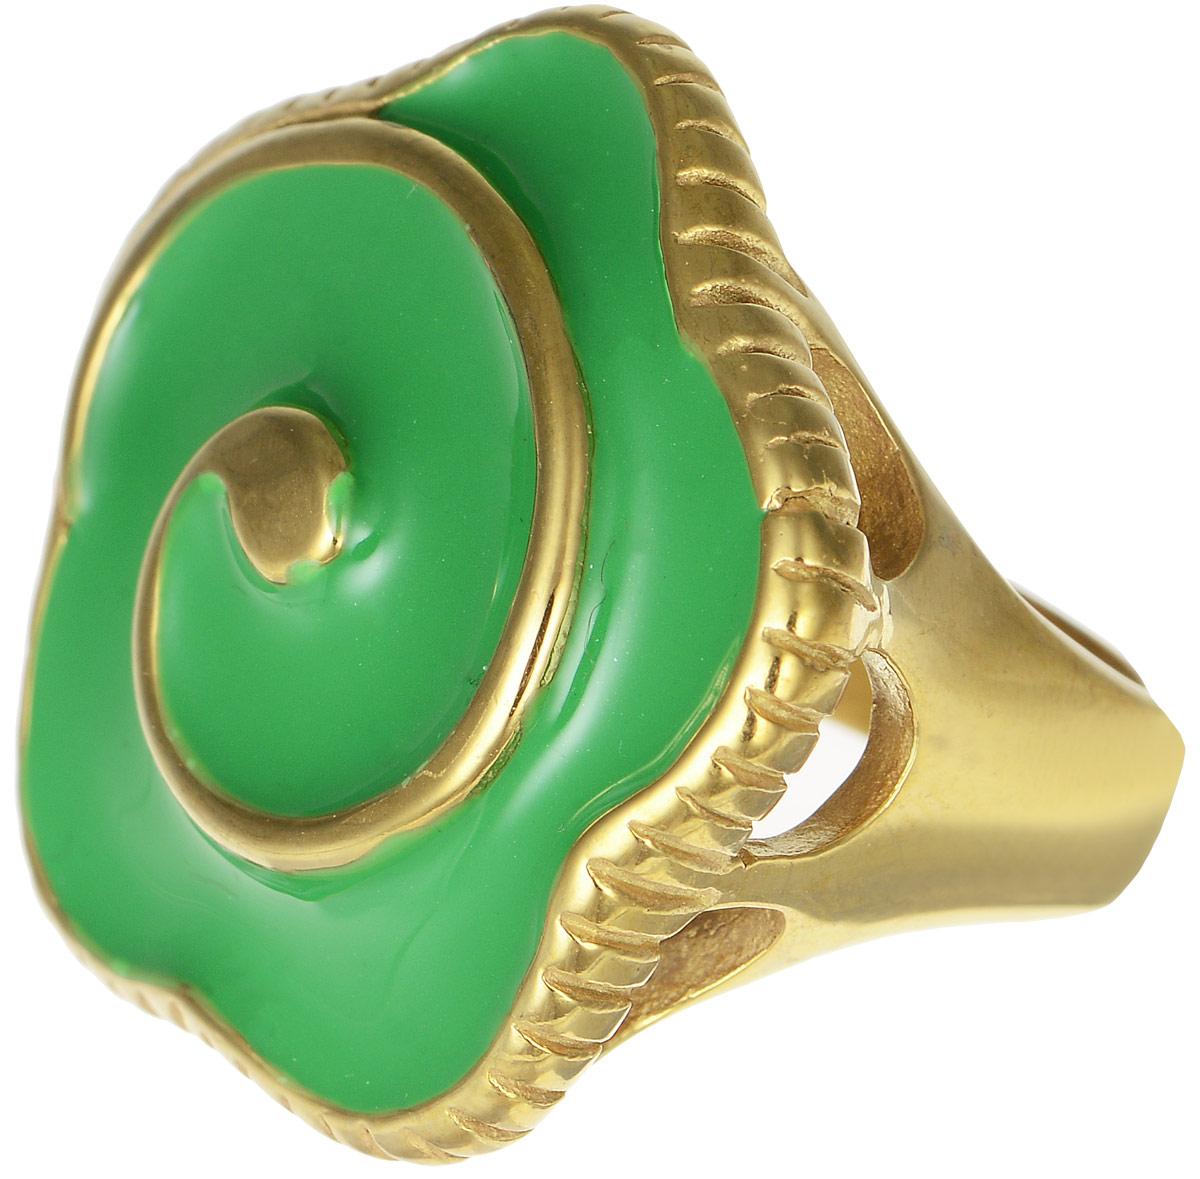 Кольцо Polina Selezneva, цвет: золотистый, зеленый. DG-0032. Размер 19DG-0032-09Оригинальное кольцо Polina Selezneva выполнено из металлического сплава. Оформлено изделие в форме цветка. Декоративная часть покрыта эмалью. Такое кольцо это блестящее завершение вашего неповторимого, смелого образа и отличный подарок для ценительницы необычных украшений!